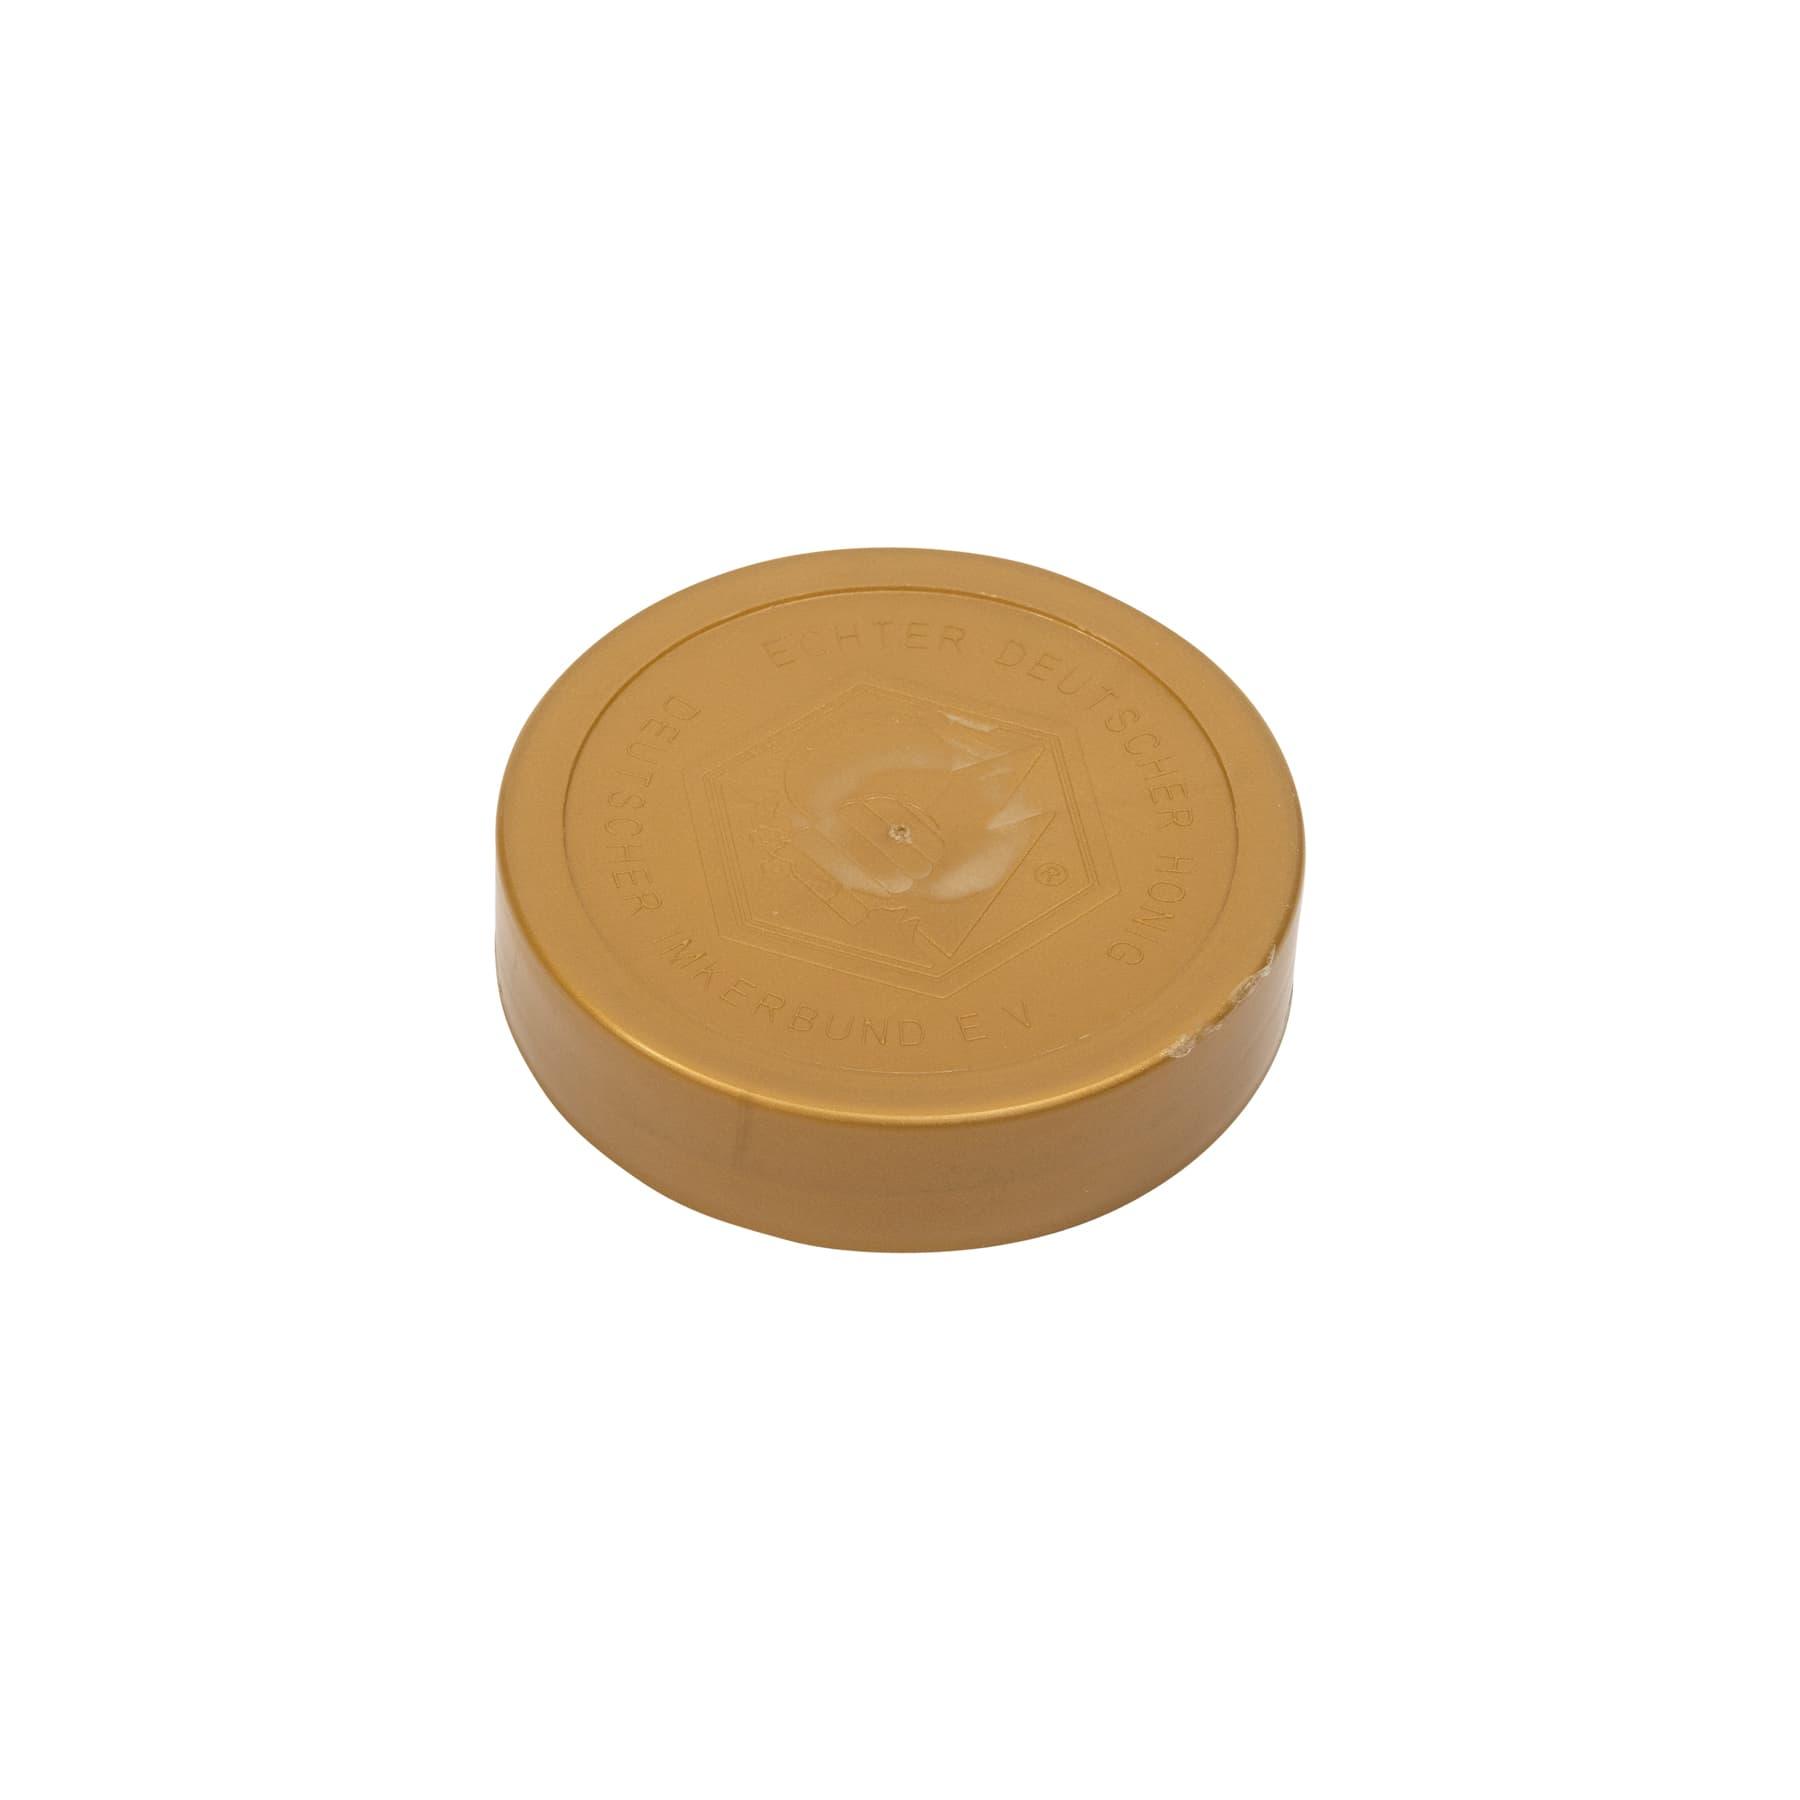 DIB Deckel für 250 g Glas 68 mm